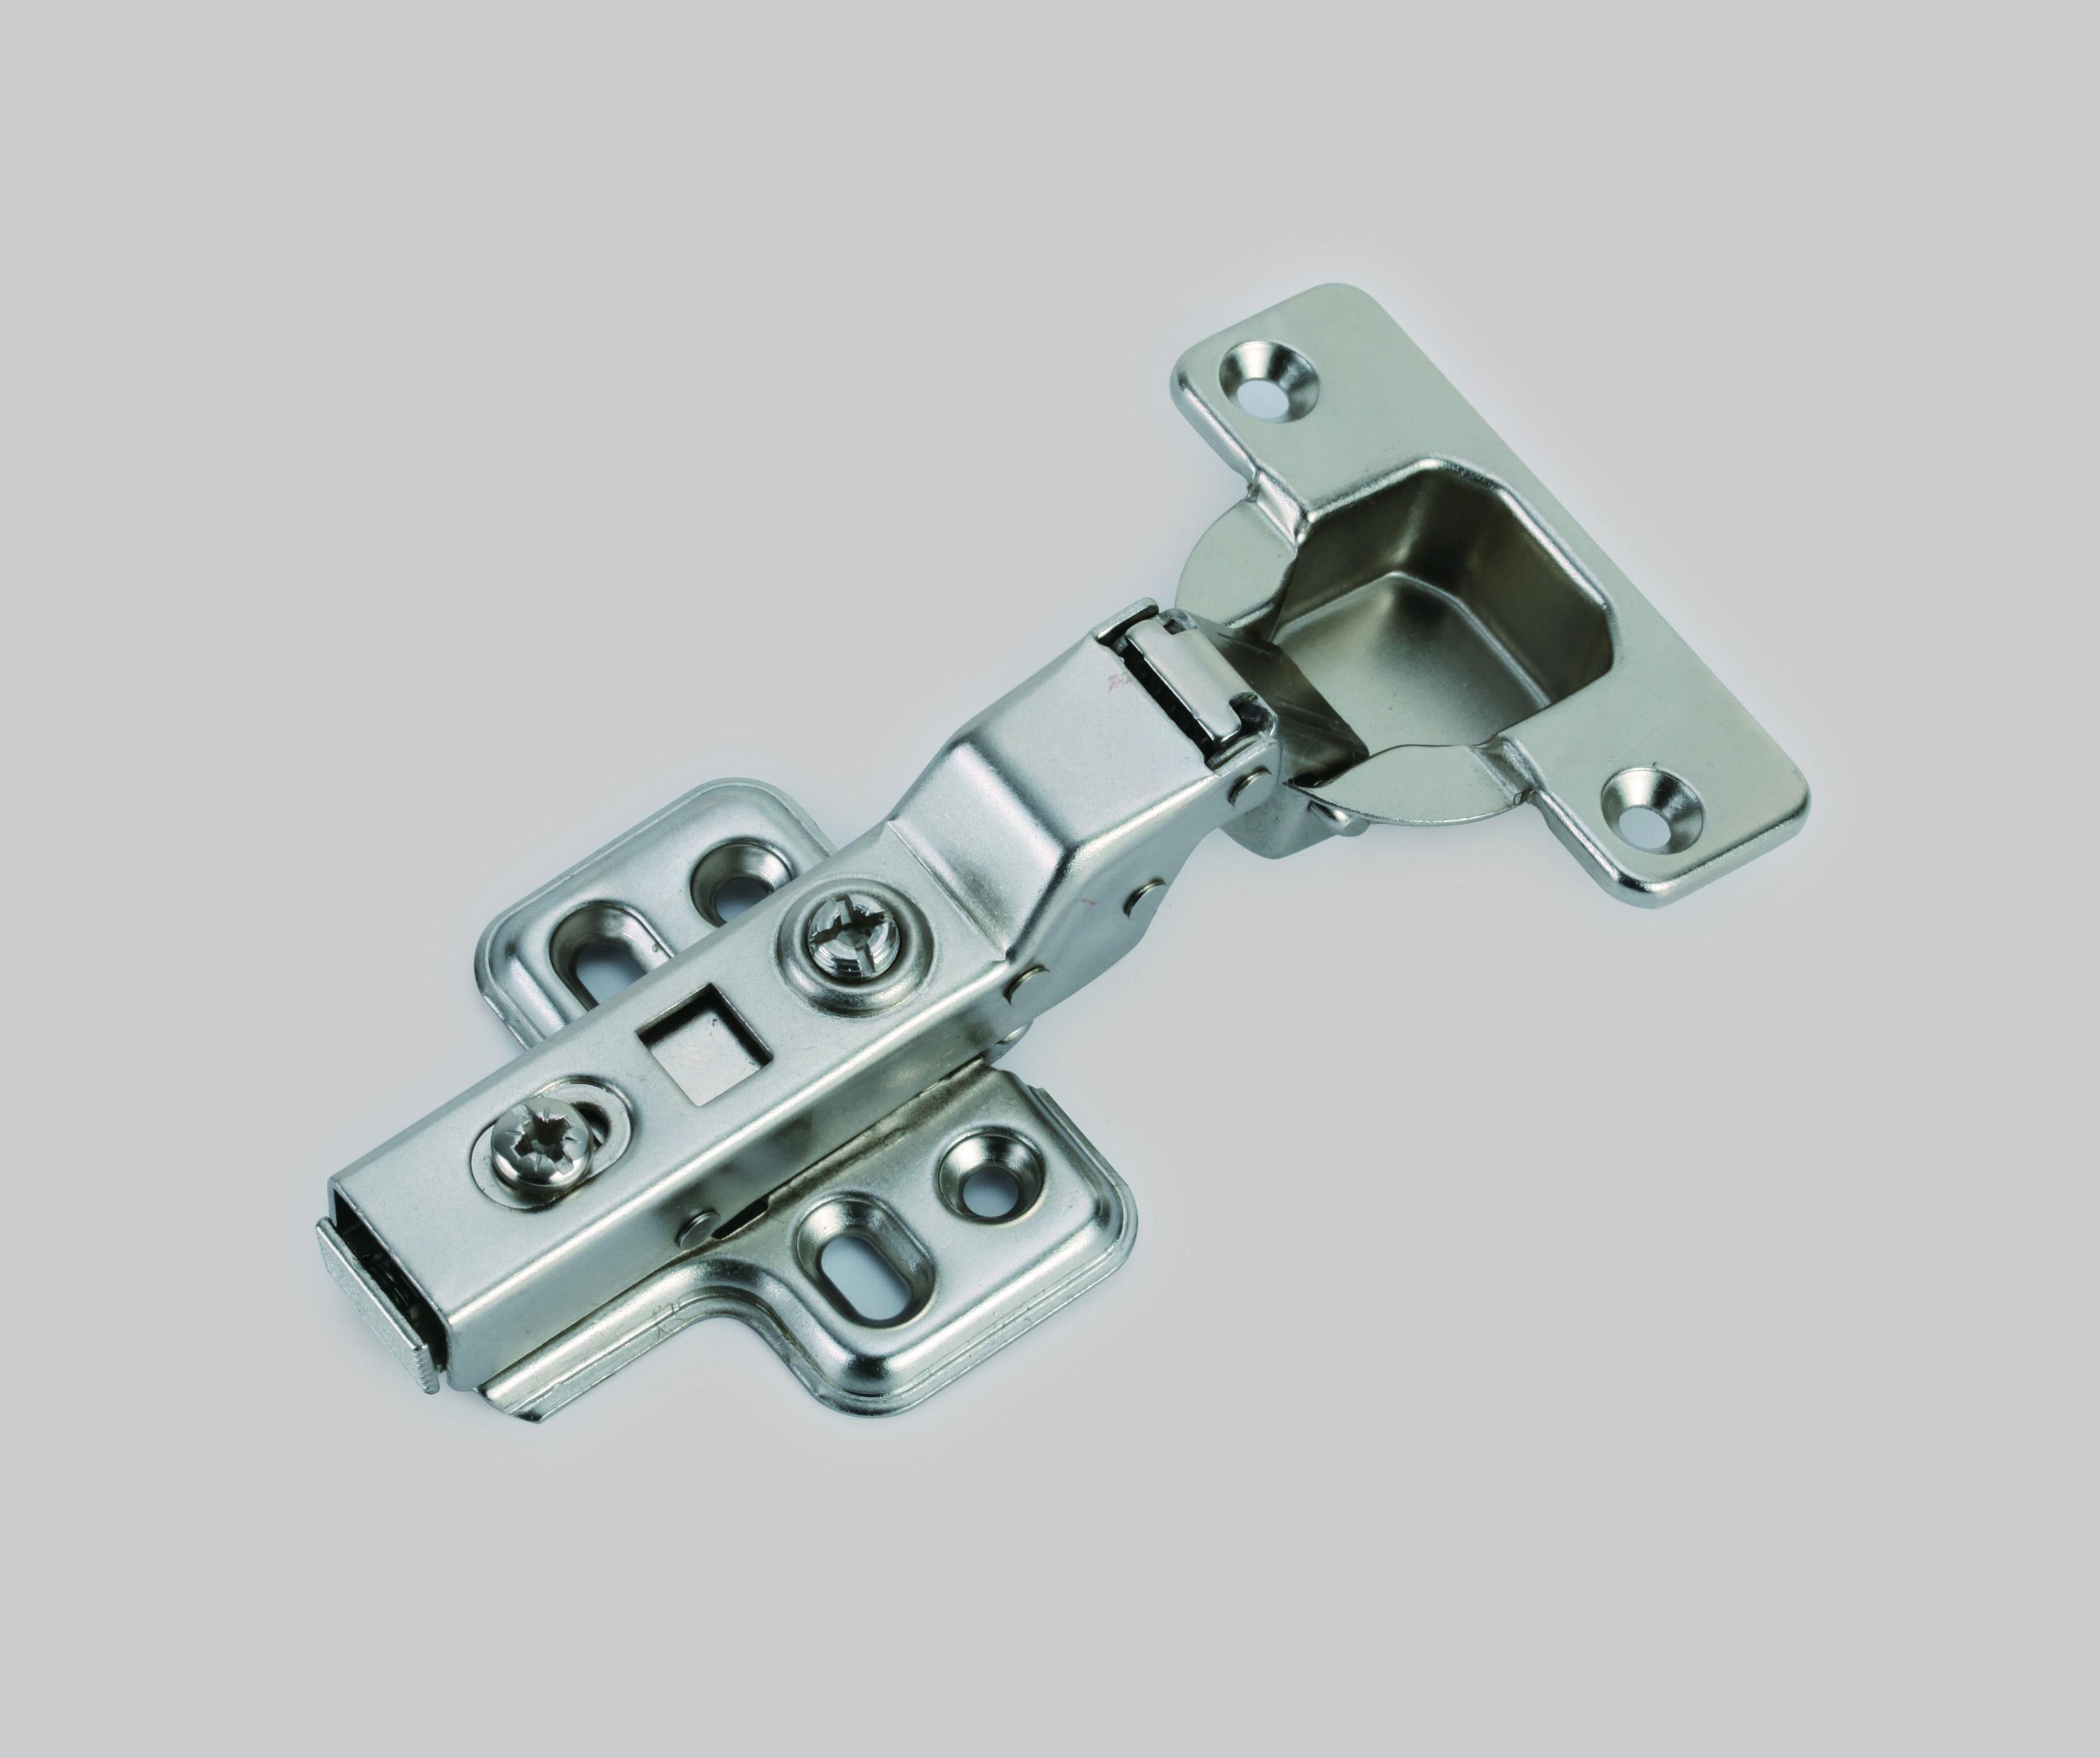 创晟五金制品厂提供质量良好的液压铰链——液压缓冲滑轨